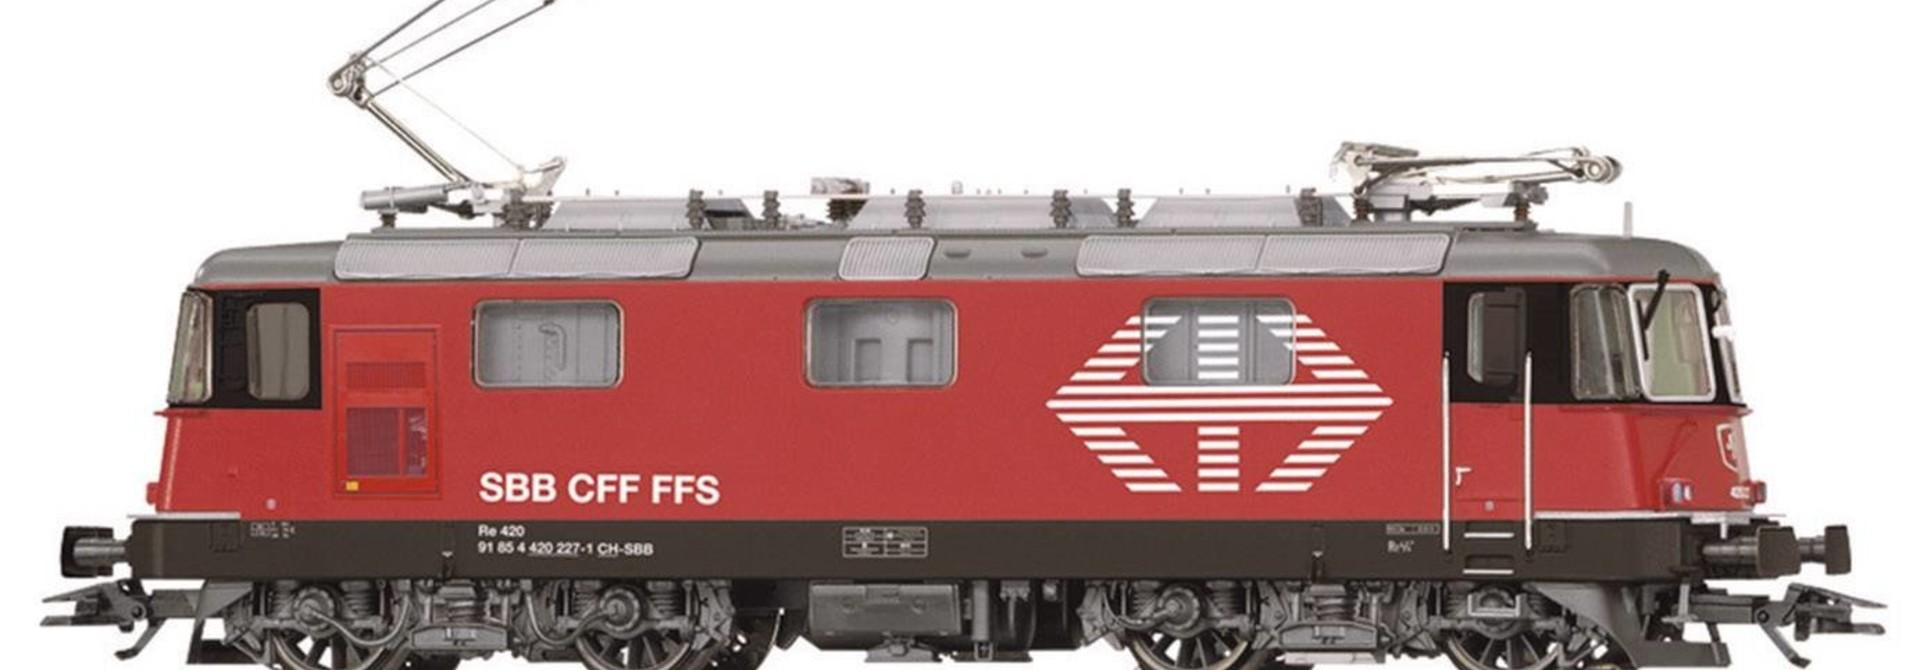 37347 Serie Re 4/4 II van de SBB